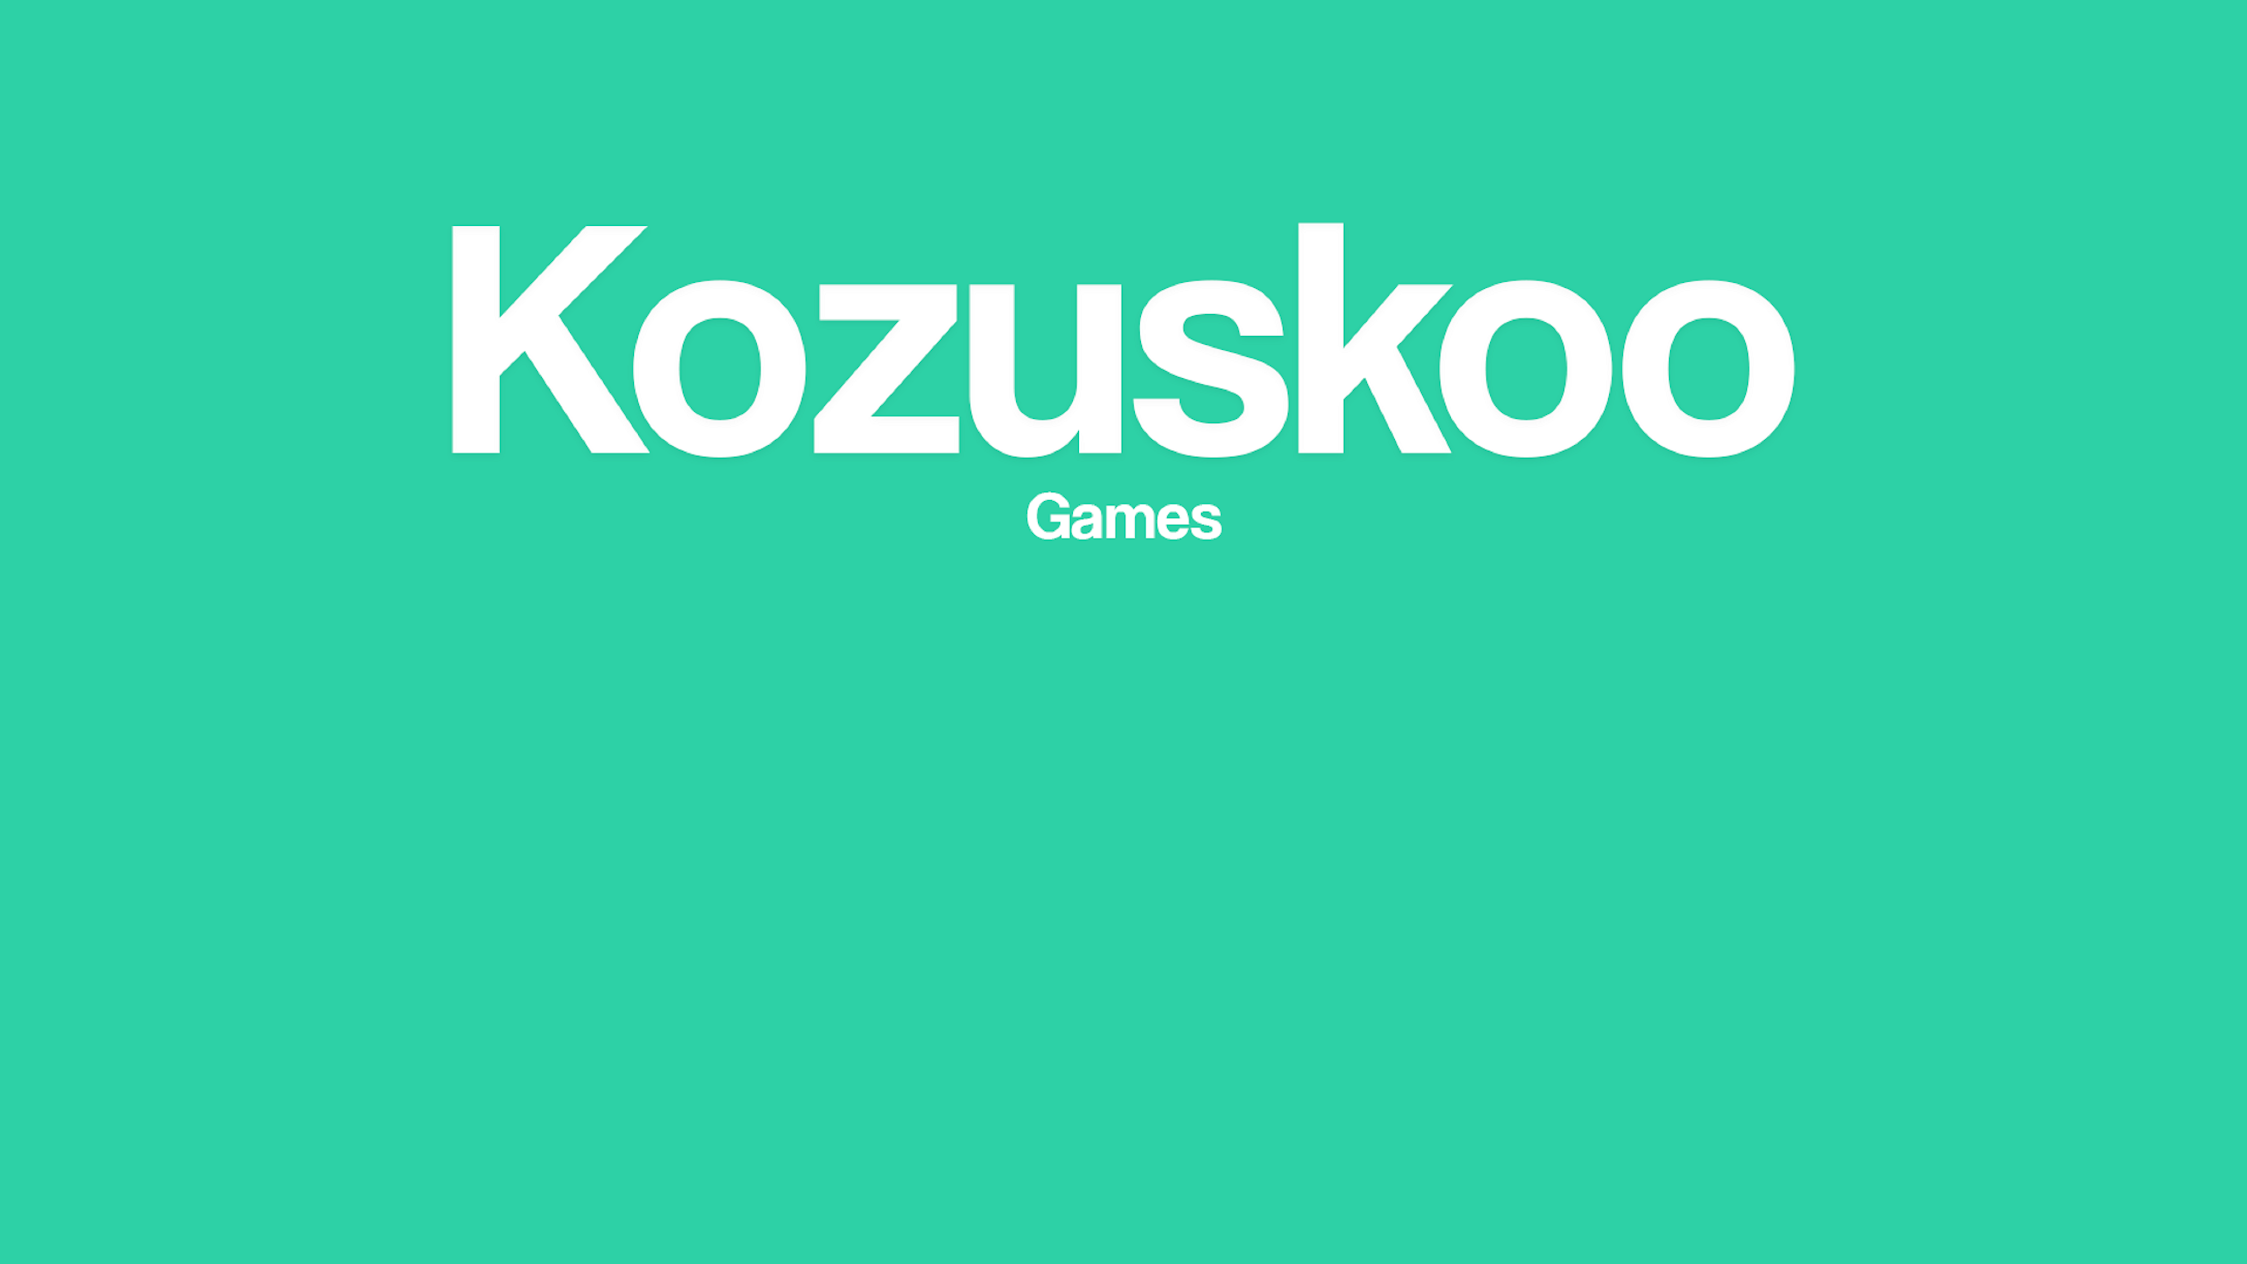 Kozuskoo